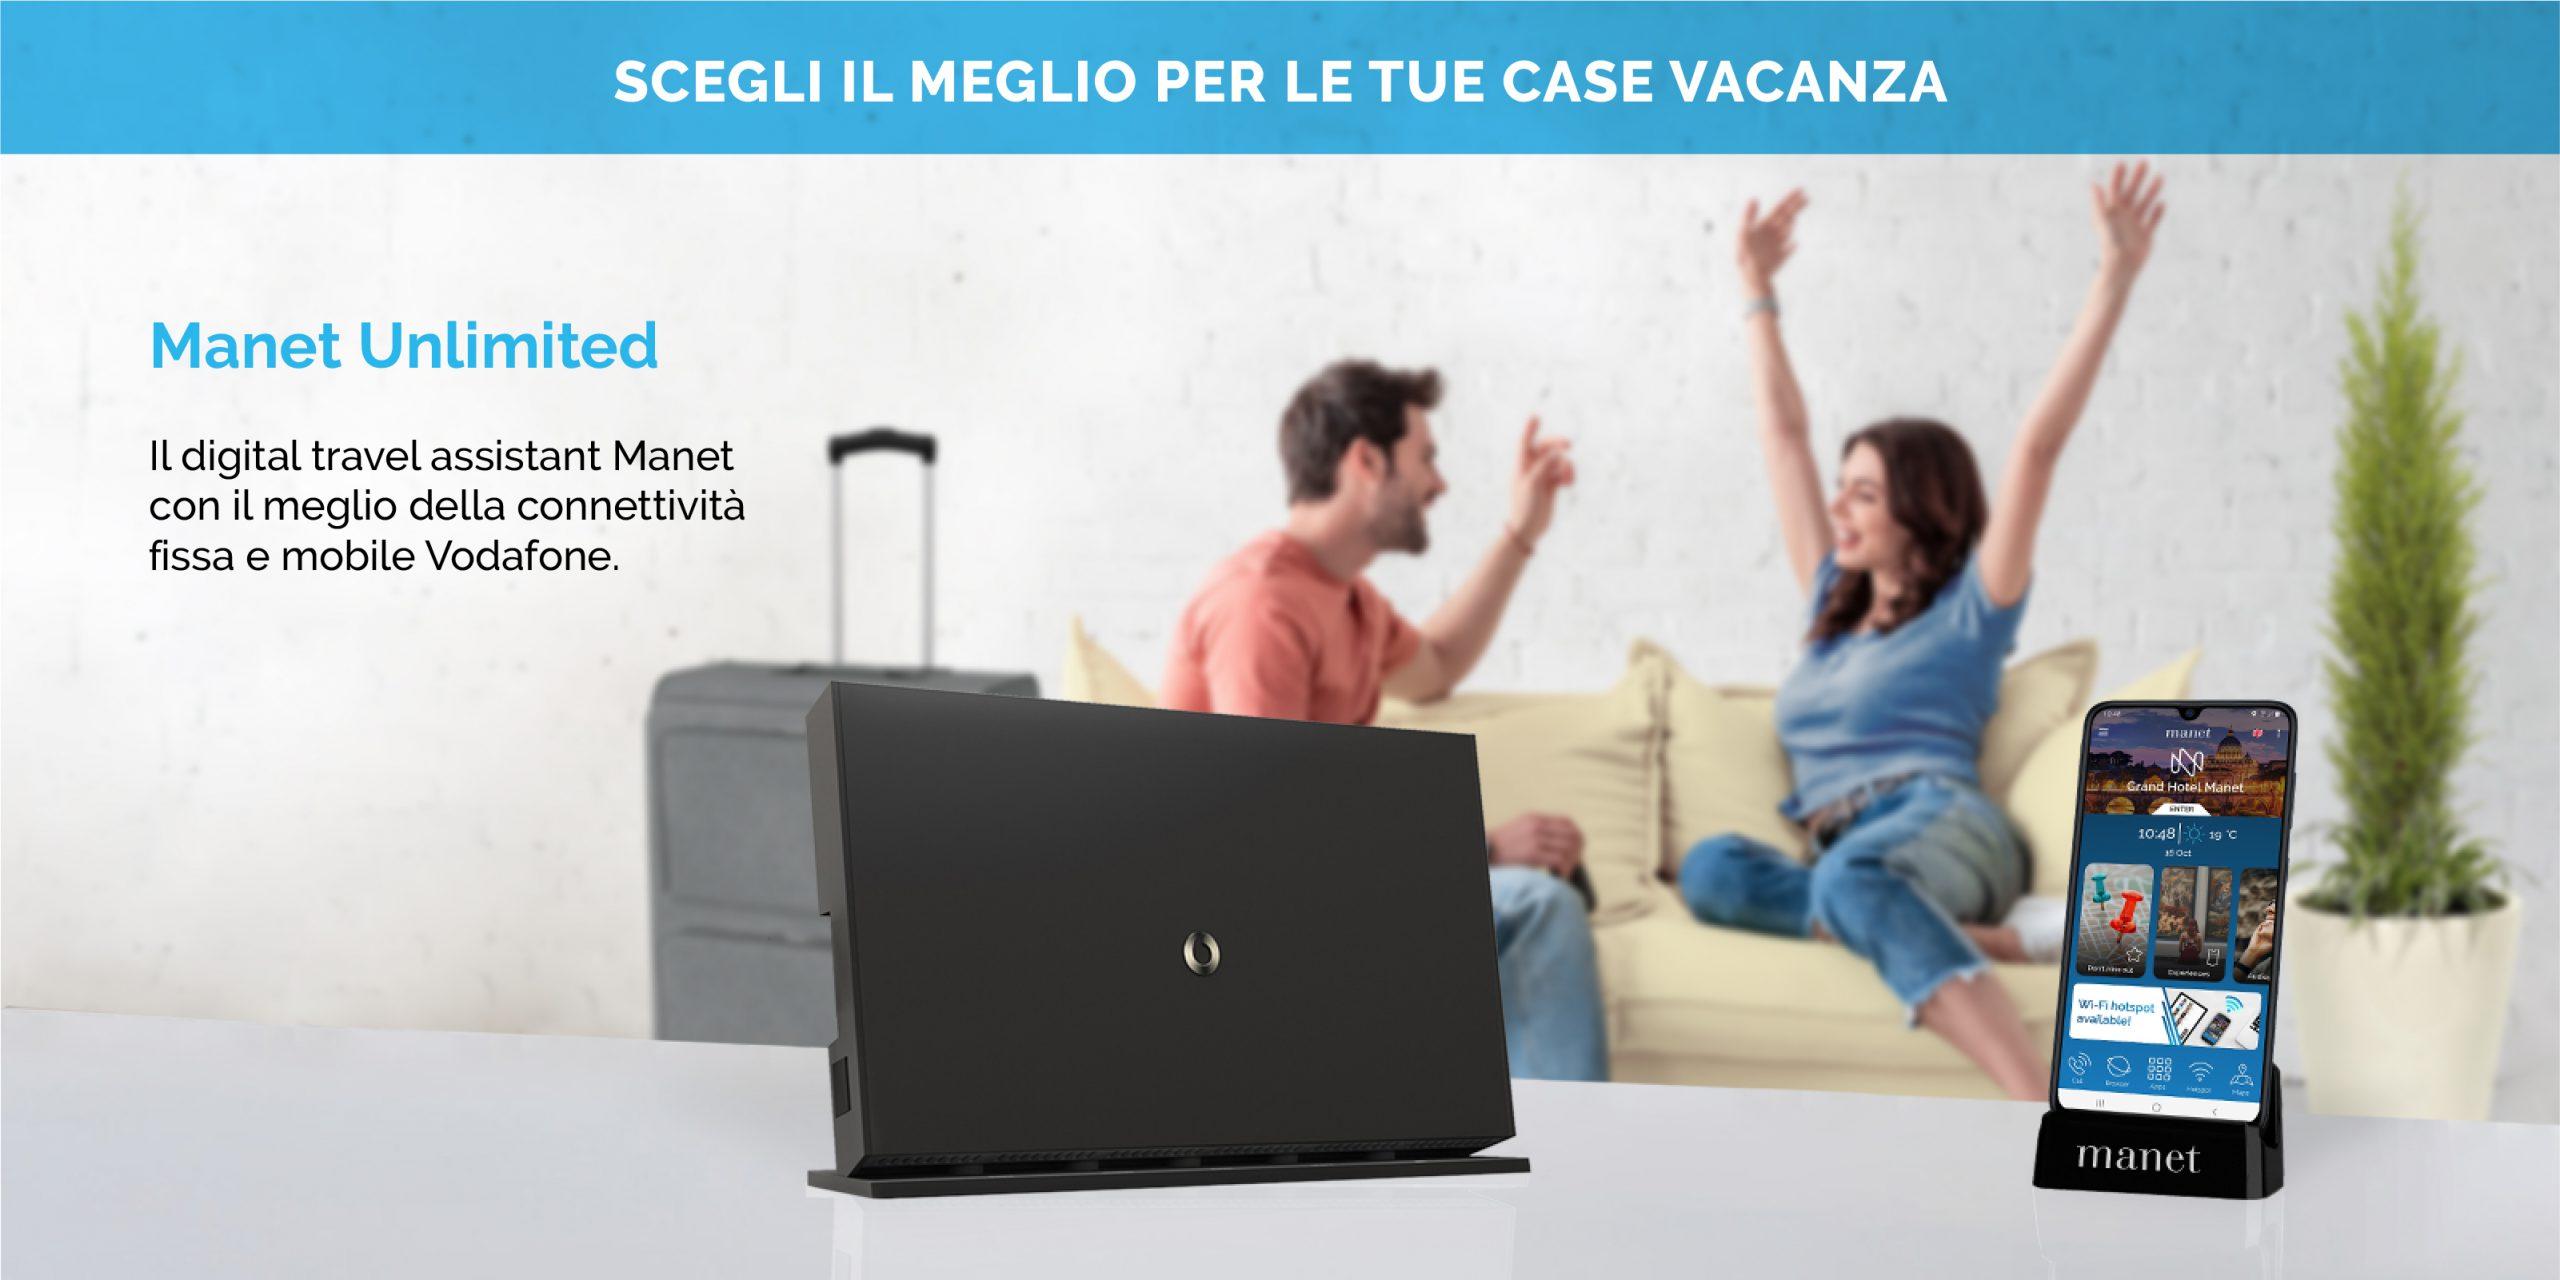 Offerta Manet Unlimited per case vacanza